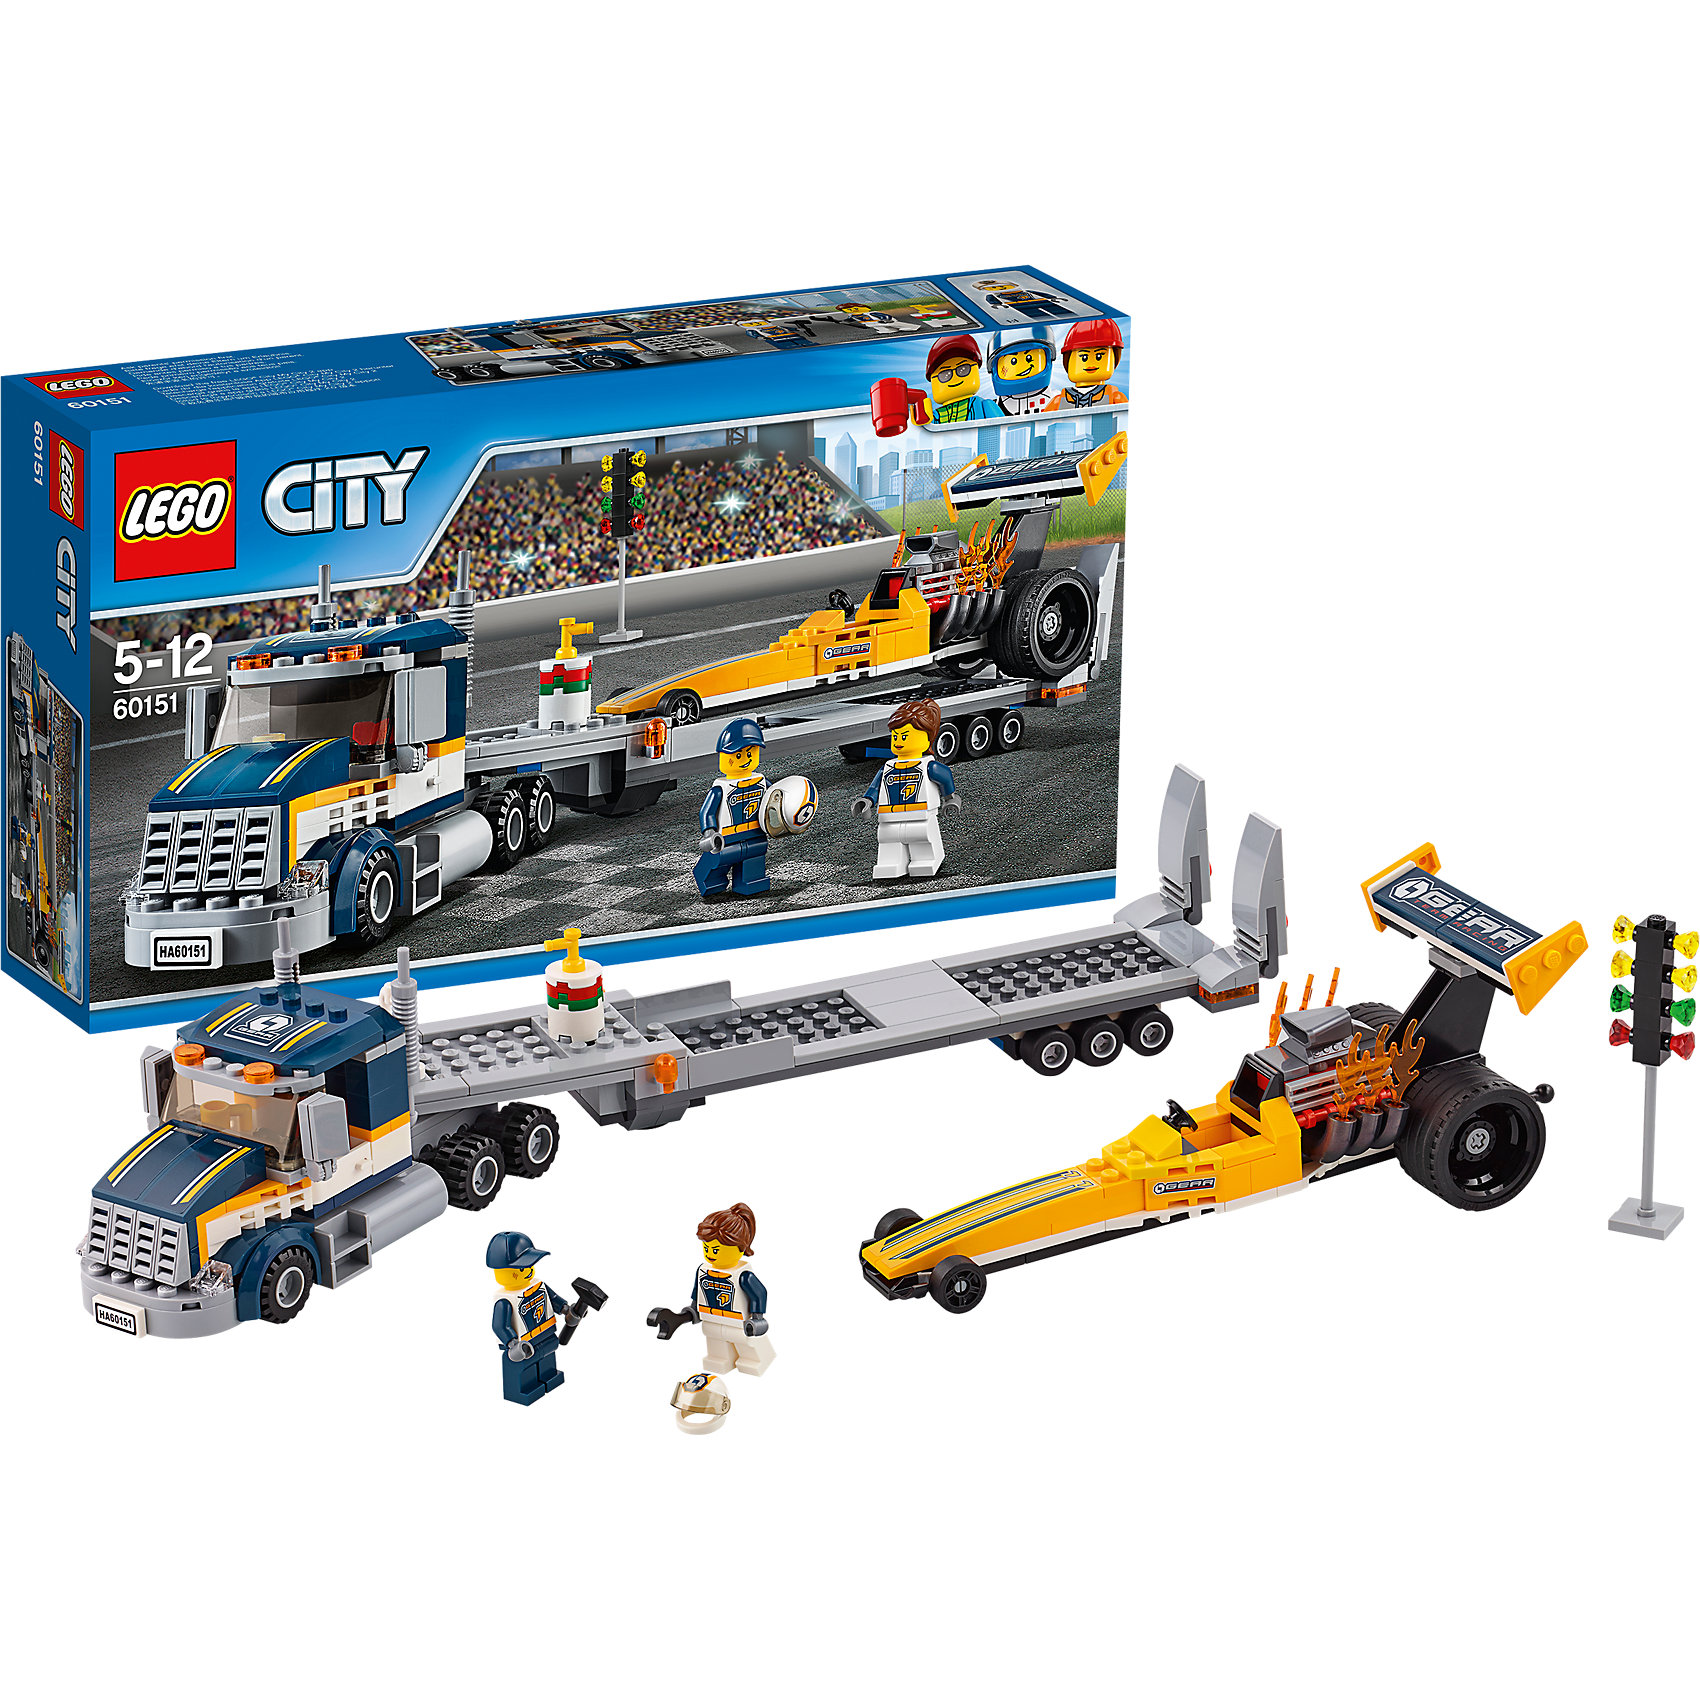 LEGO City 60151: Грузовик для перевозки драгстераLEGO City 60151: Грузовик для перевозки драгстера<br><br>Характеристики:<br><br>- в набор входит: грузовик с прицепом, гоночный болид, наклейки для оформления, 2 минифигурки, аксессуары, инструкция<br>- состав: пластик<br>- количество деталей: 333<br>- приблизительное время сборки: 60 минут<br>- размер коробки: 19 * 7 * 35 см.<br>- размер грузовика: 14 * 5 * 8 см.<br>- размер прицепа: 5 * 2 * 29 см.<br>- размер болида: 21 * 6 * 8 см.<br>- для детей в возрасте: от 5 до 12 лет<br>- Страна производитель: Дания/Китай/Чехия<br><br>Легендарный конструктор LEGO (ЛЕГО) представляет серию «City» (Сити) в виде деталей жизни большого города, в котором есть абсолютно все. Серия делает игры еще более настоящими, благодаря отличным аксессуарам. Сезон гонок на скоростных драгстерах октрыт! Два отважных гонщика перегоняют свой гоночный болид на место гоночного трека. Специальный Грузовик, выполненный из множества деталей поможет осуществитьмягкую перевозку дорогостоящего драгстера. Благодаря деталям капота, крыши, зеркалам заднего вида и 12ти колесам  грузовик с прицепом выглядит как настоящий. Скоростной болид представлен в ярком желтом цвете в сочетании с черными деталями. Отлично проработан двигатель драгстера, огненные детали показывают ревущий мотор. Команда гонщиков поддерживает друг друга. Две минифигурки одеты в похожие комбинезоны и могут меняться ролями механика и гонщика на ваше усмотрение. Фигурки отлично прорисованы и качественно детализированы, шлем гонщика с защитно прозрачной частью одевается на обе фигурки, а сама защитная часть двигается. Моделируй разные истории и ситуации в Лего Сити, а в процессе игры развивай творческие способности и претворяй свои идеи в жизнь. Этот интересный набор отлично подойдет как новичкам Лего, так и преданным фанатам и коллекционерам серии.<br><br>Конструктор LEGO City 60151: Грузовик для перевозки драгстера можно купить в нашем интернет-магазине.<br><br>Ширина мм: 354<br>Глубина мм: 70